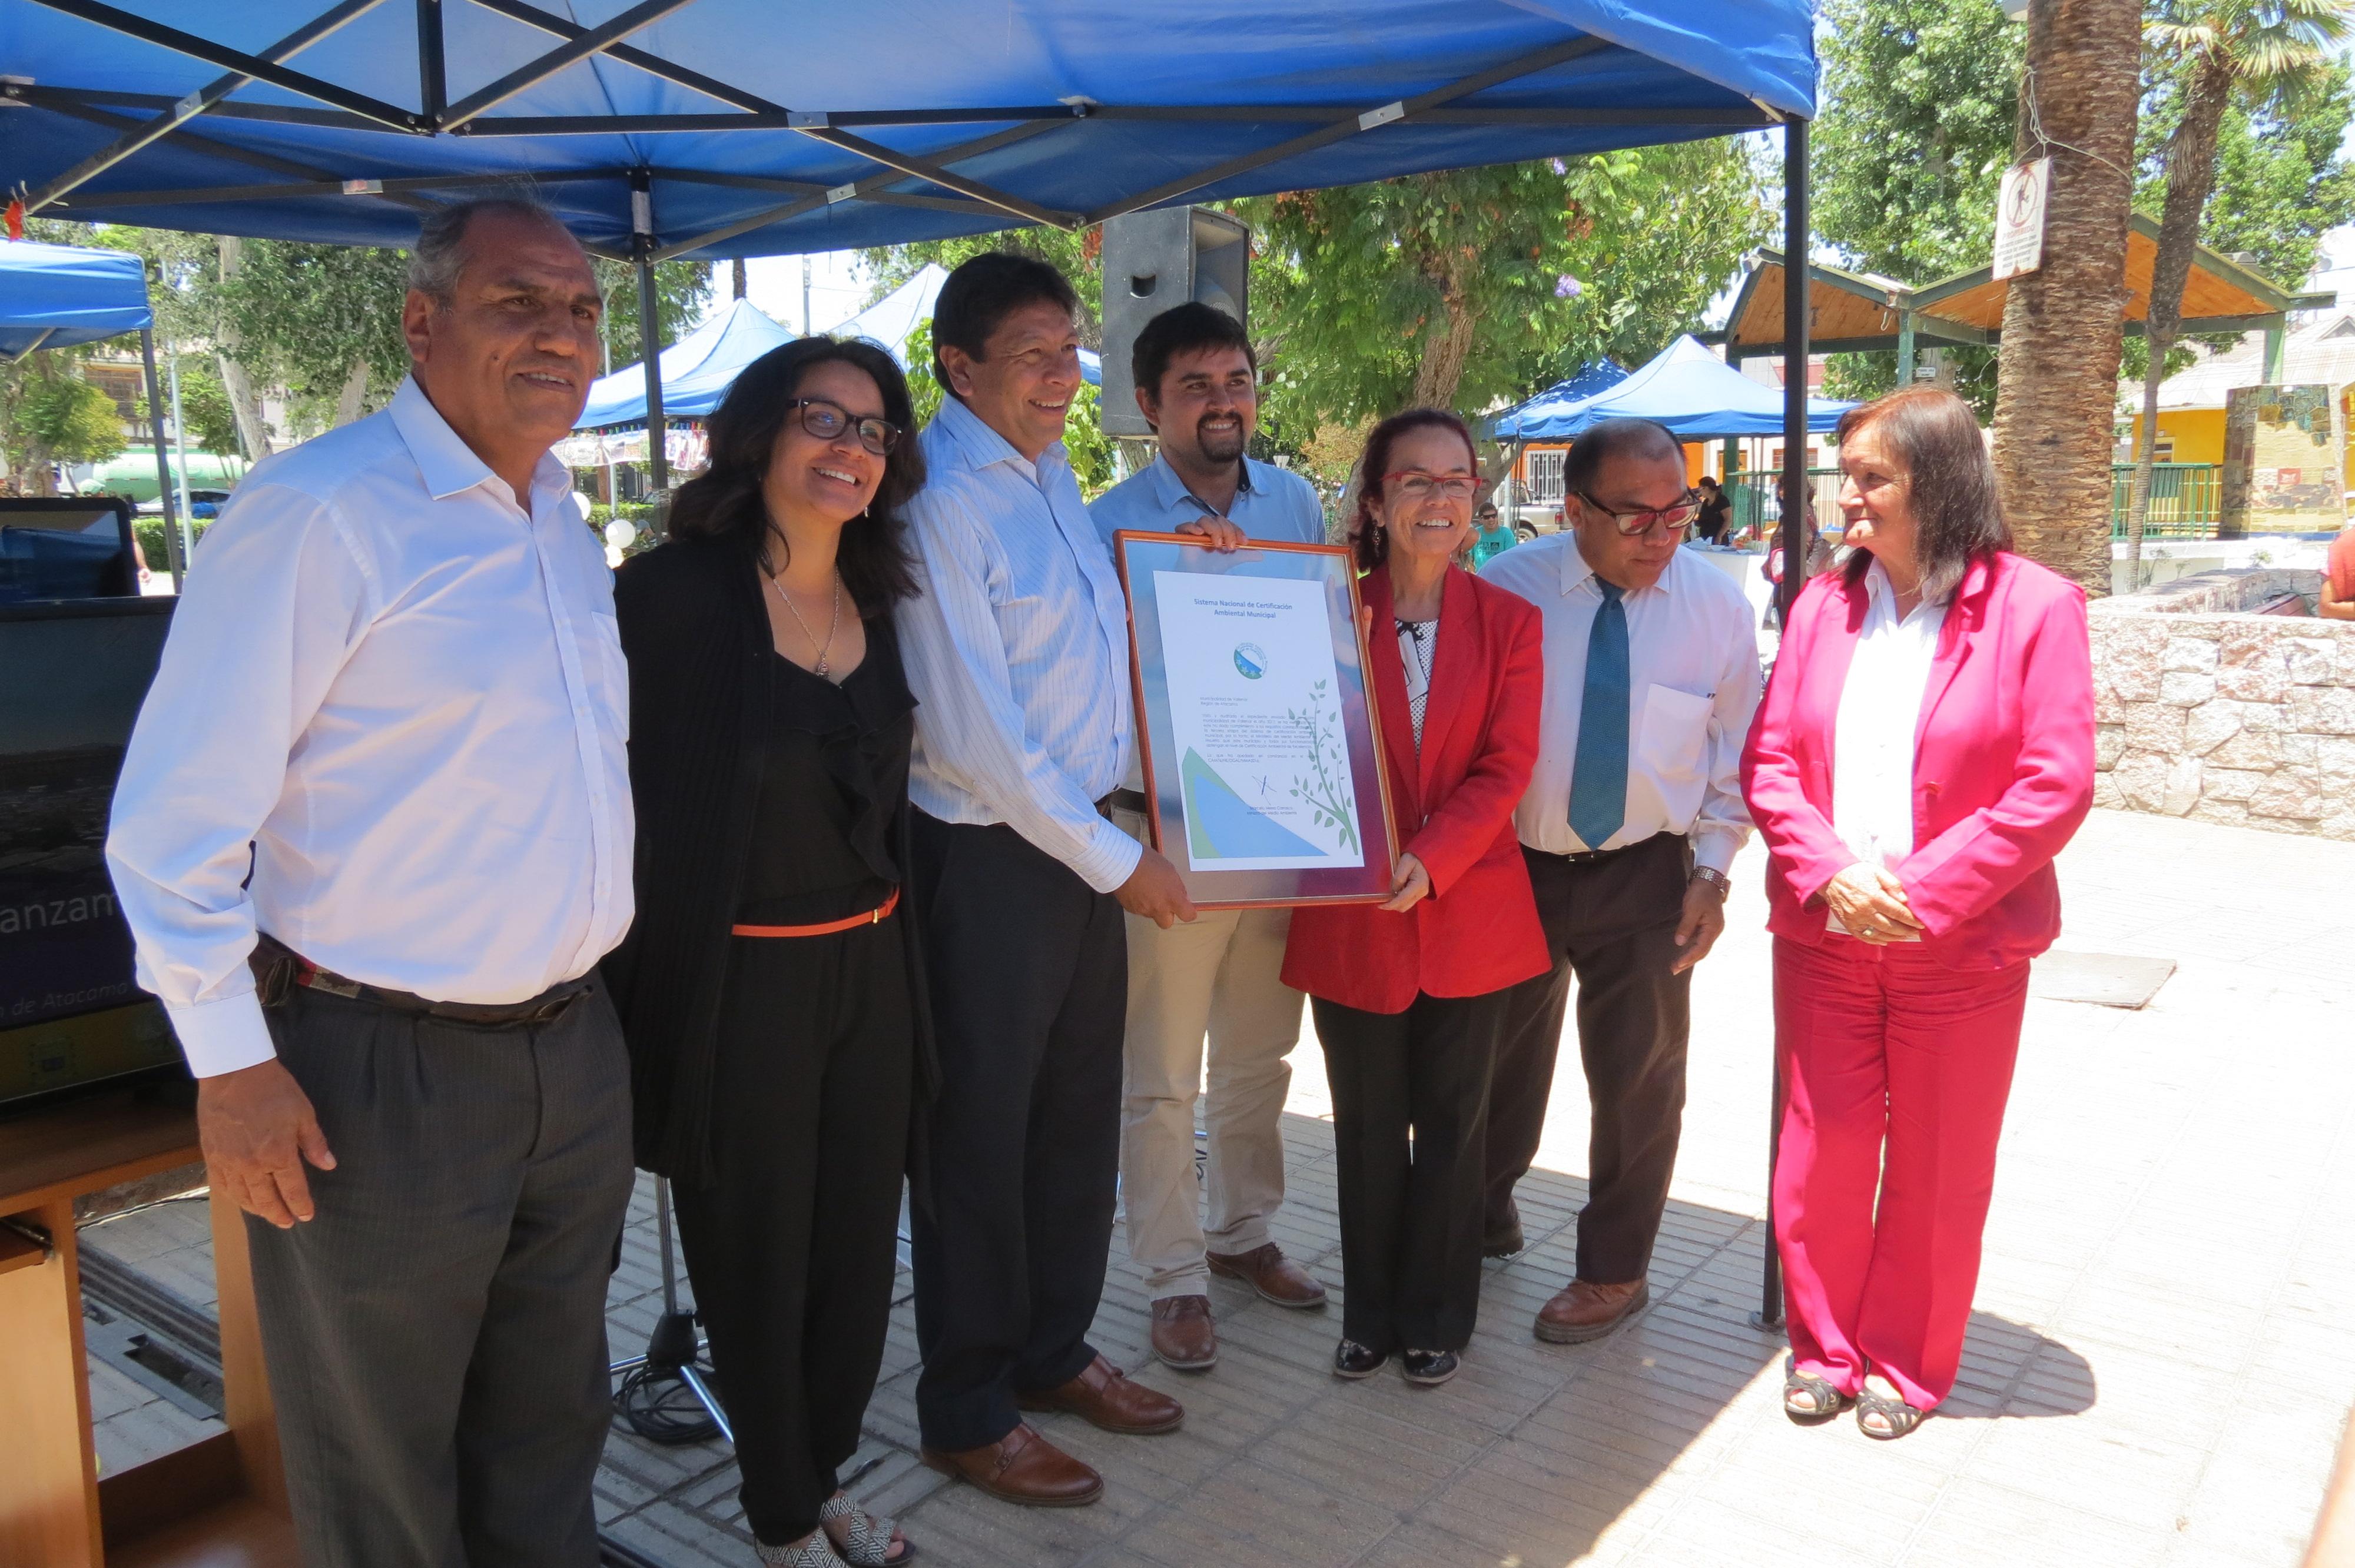 Municipio de Vallenar recibe certificación ambiental de excelencia